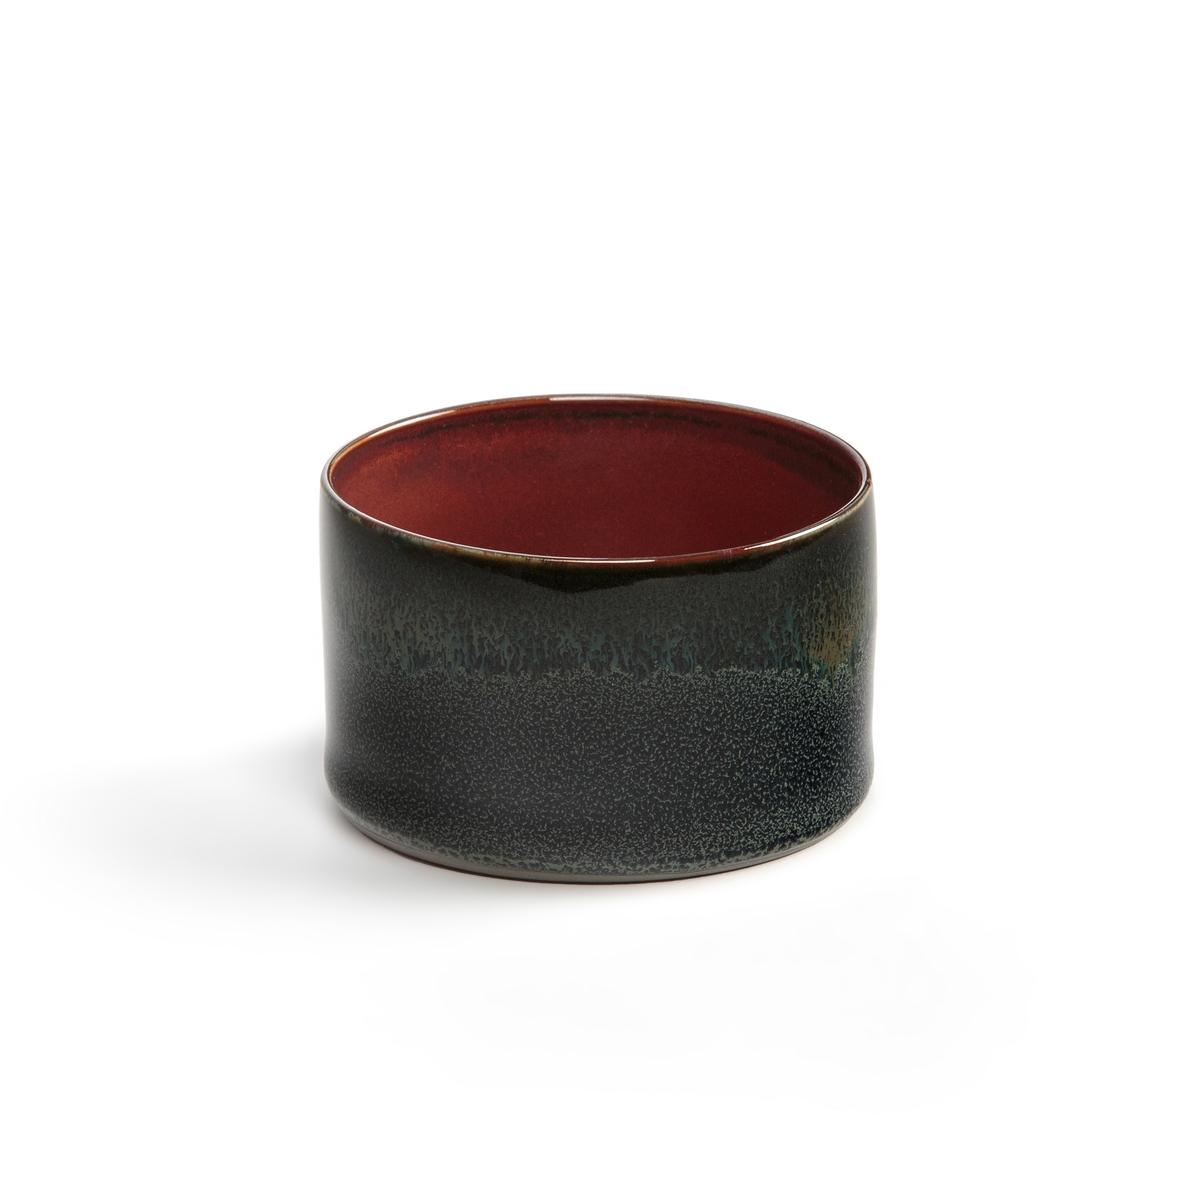 4 стакана из керамики Terre de r?ves design Serax4 стаканчика для кафе по дизайну Anita Le Grelle для Serax. Единой формы и цвета, каждое изделие имеет подпись дизайнера . Изысканность материалов и субтильность форм создают магическую обстановку, в которую погружаются ваши гости, словно в сон.Характеристики : - Из керамики, покрытой глазурью- Можно использовать в посудомоечных машинах и микроволновых печах- Продаюся комплектом одного цвета : полуночно-синий, насыщенный красный или загадочный серый Размеры : - ?7,5 x H5 см<br><br>Цвет: красный,серый,темно-синий